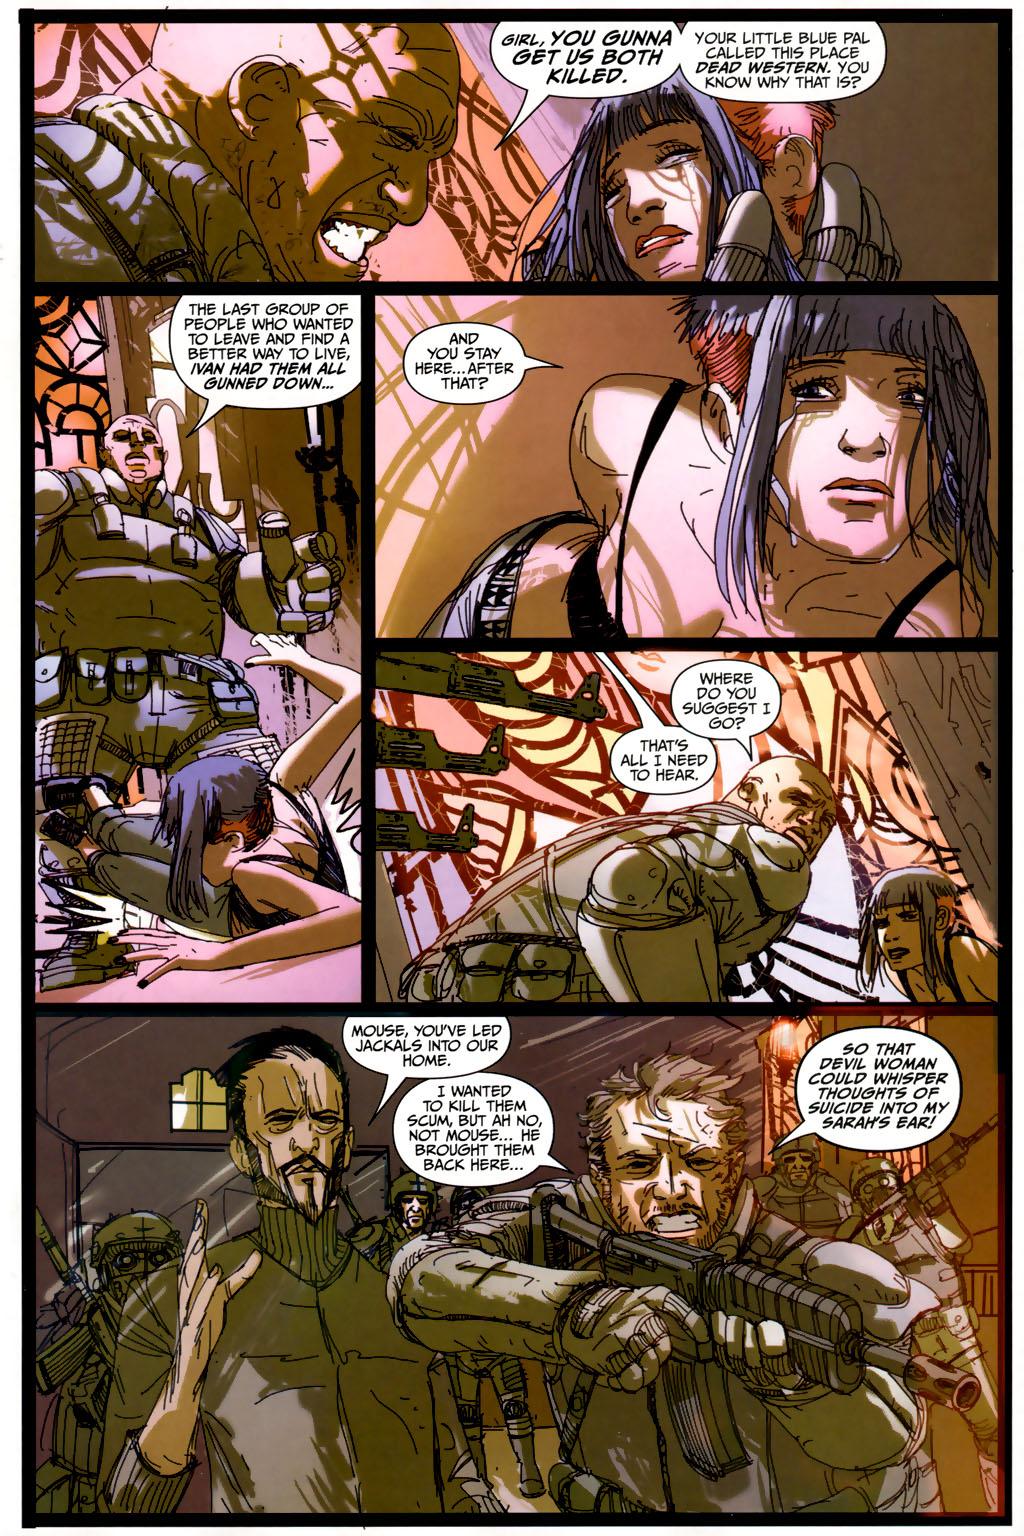 Read online Strange Girl comic -  Issue #6 - 17